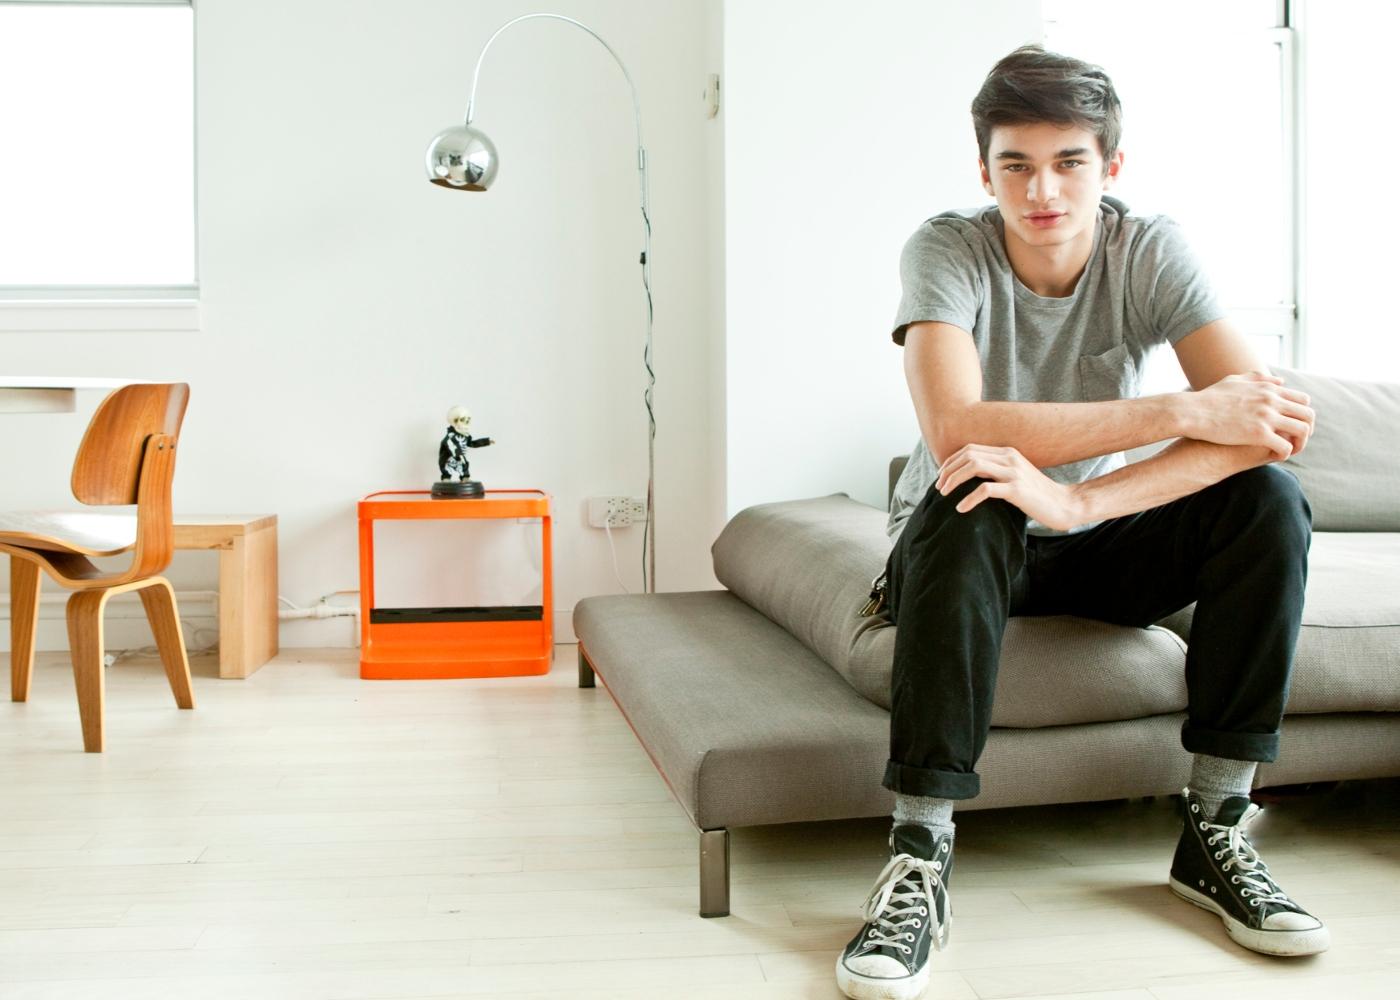 Adolescente a relaxar no sofá